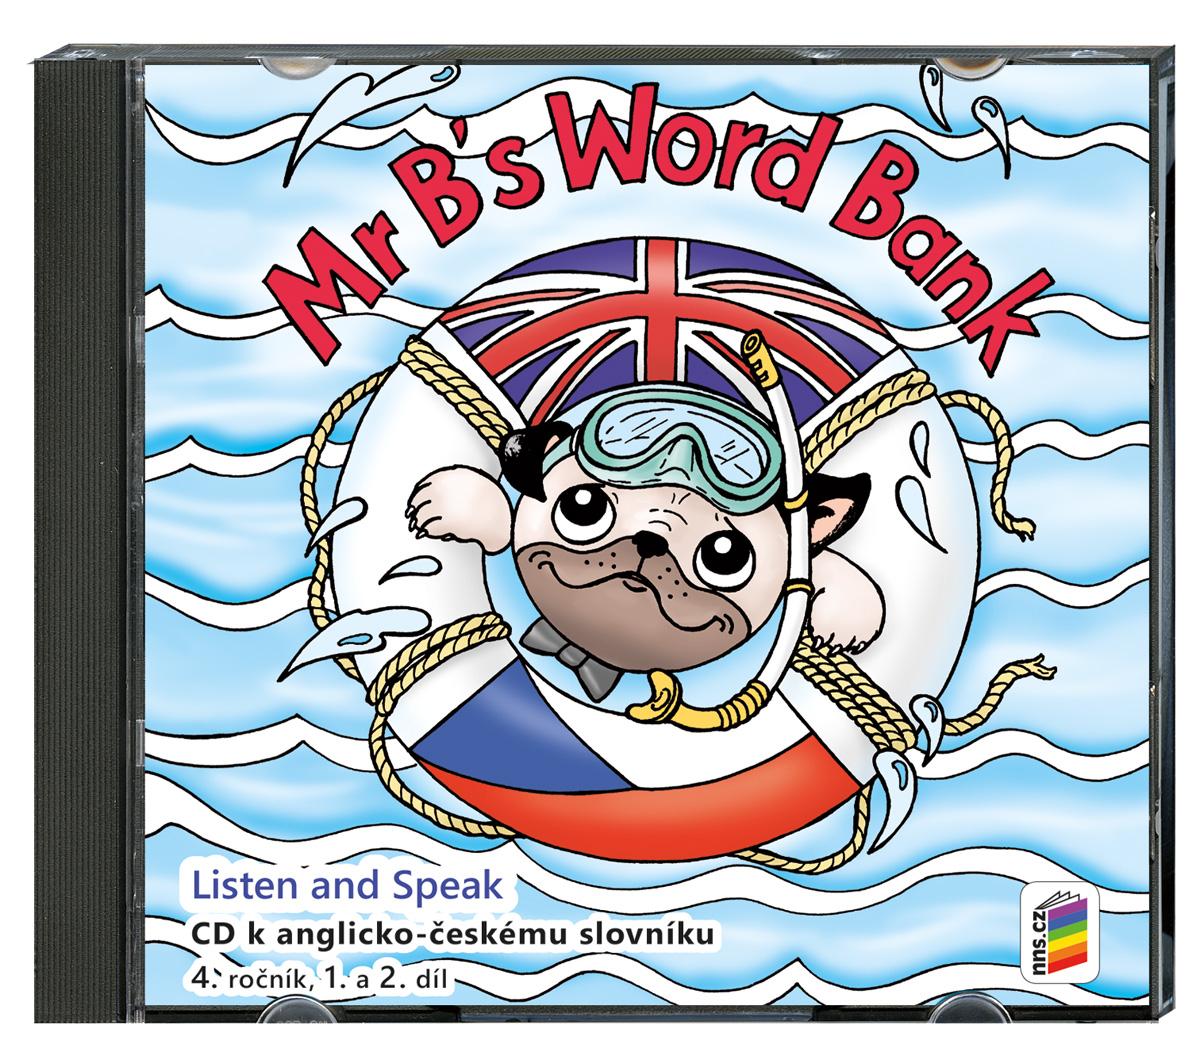 CD Mr. B Word bank